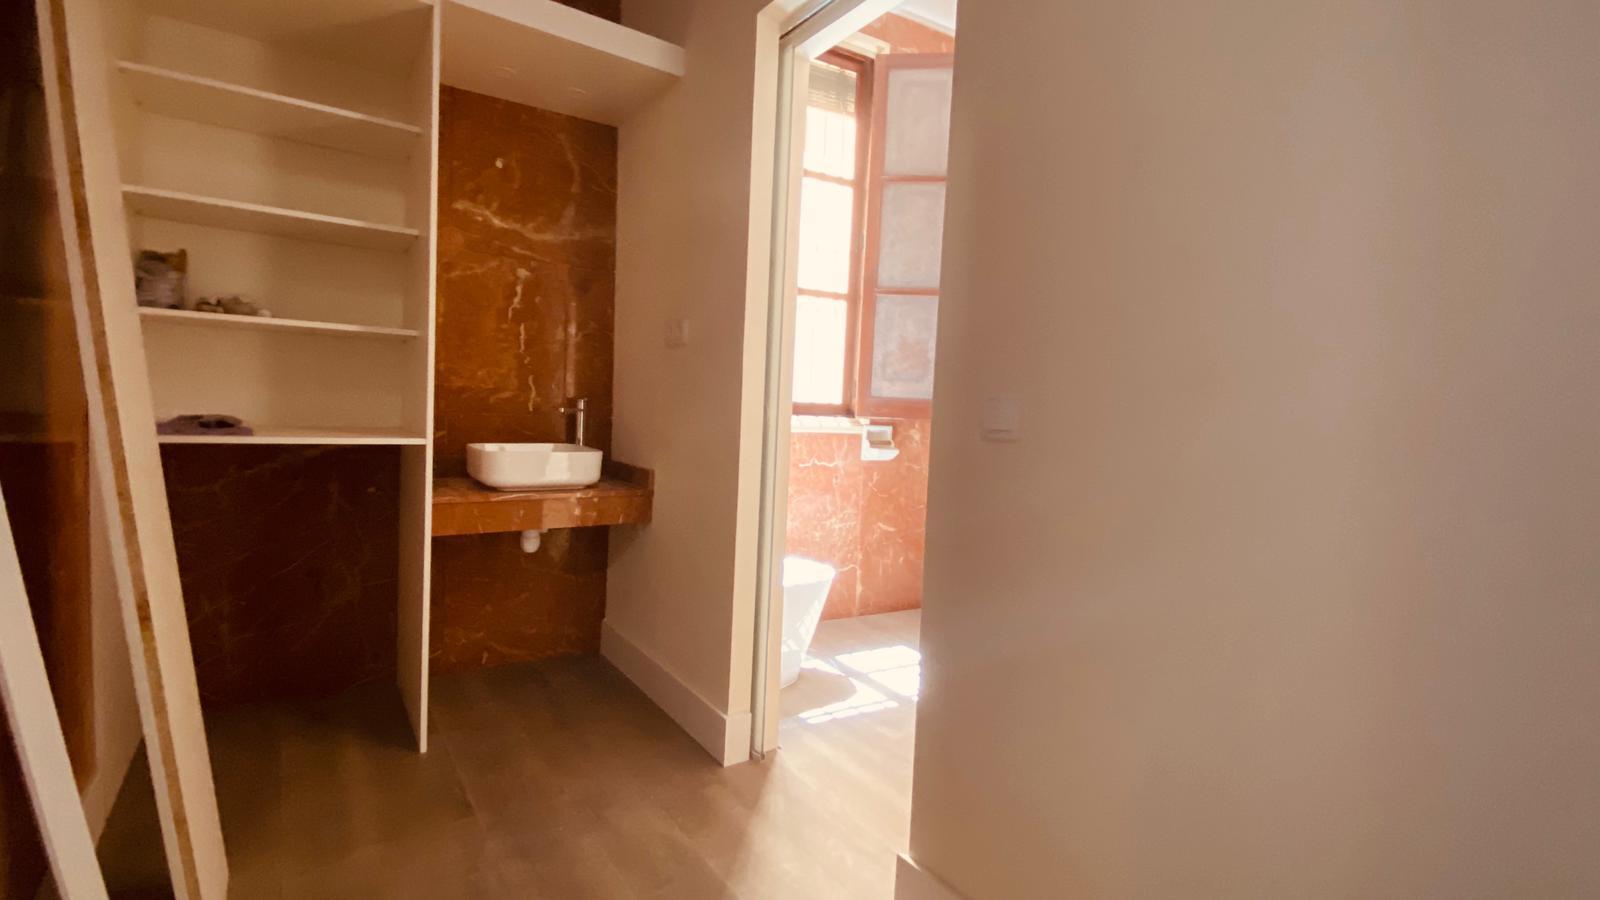 Alquiler Casa  Vila-real - cariñena - carinyena. Casa de diseño a estrenar piso duplex con entrada independiente